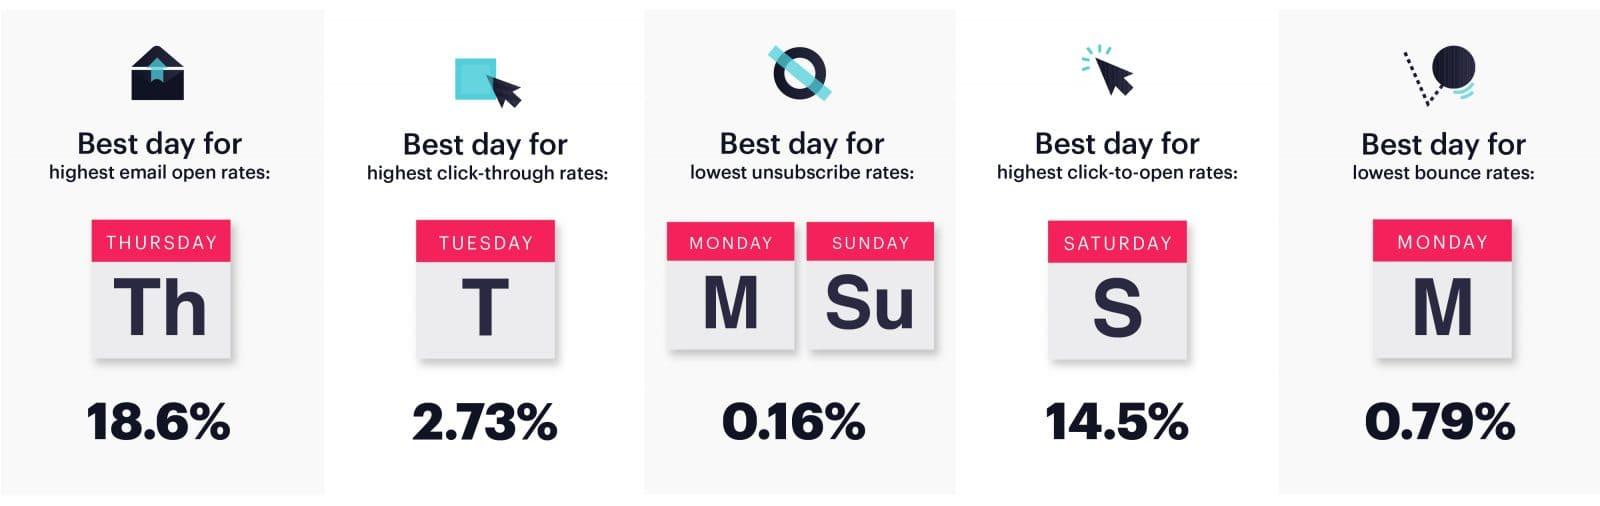 2019年最佳电子邮件营销日,以获得最高的电子邮件开放率,最高的点击率,最低的取消订阅率,最高的点击率,最低的跳出率